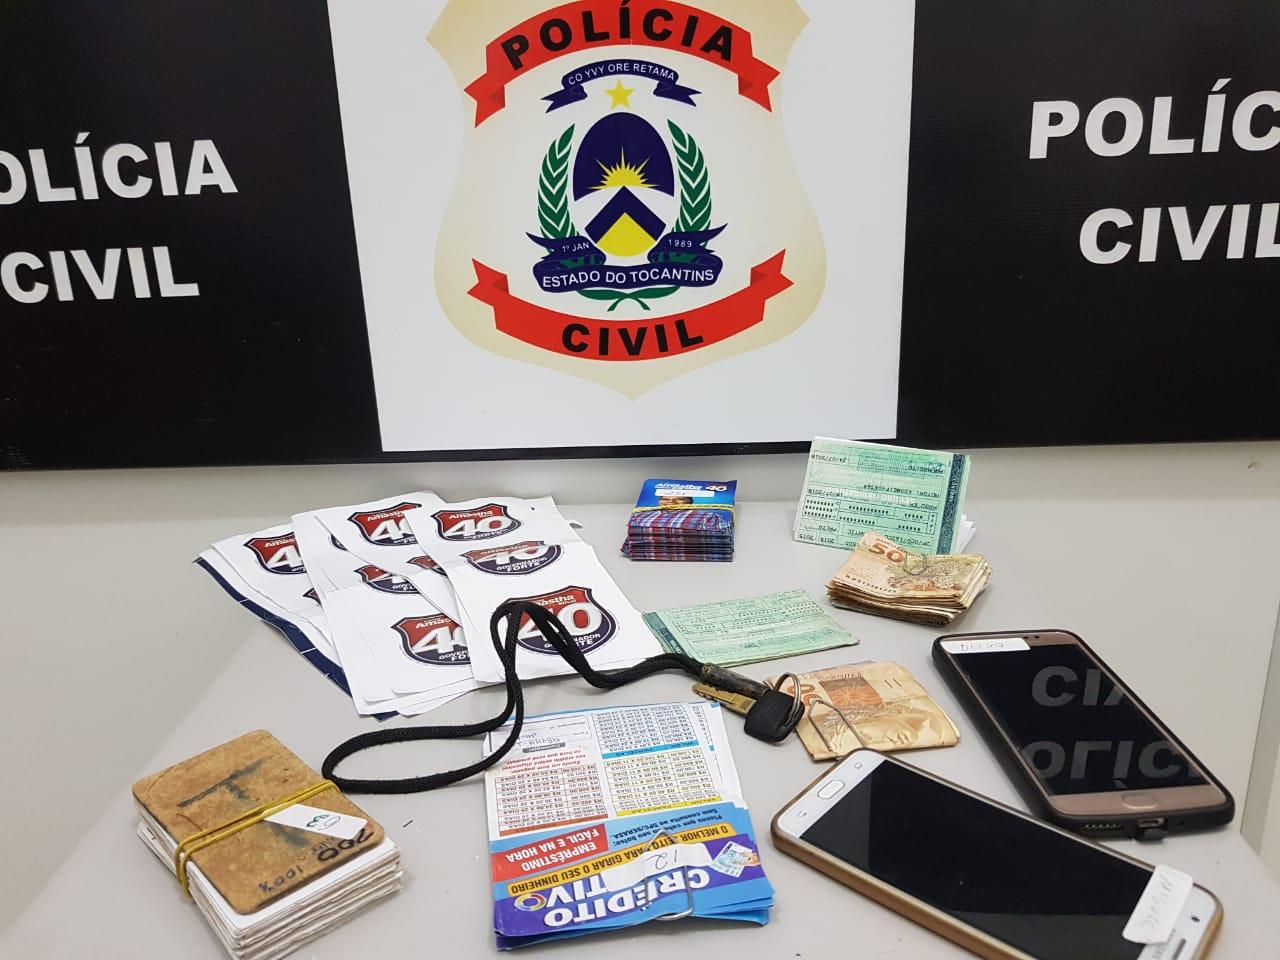 Colombianos são presos com material de campanha de candidato ao Governo do Tocantins